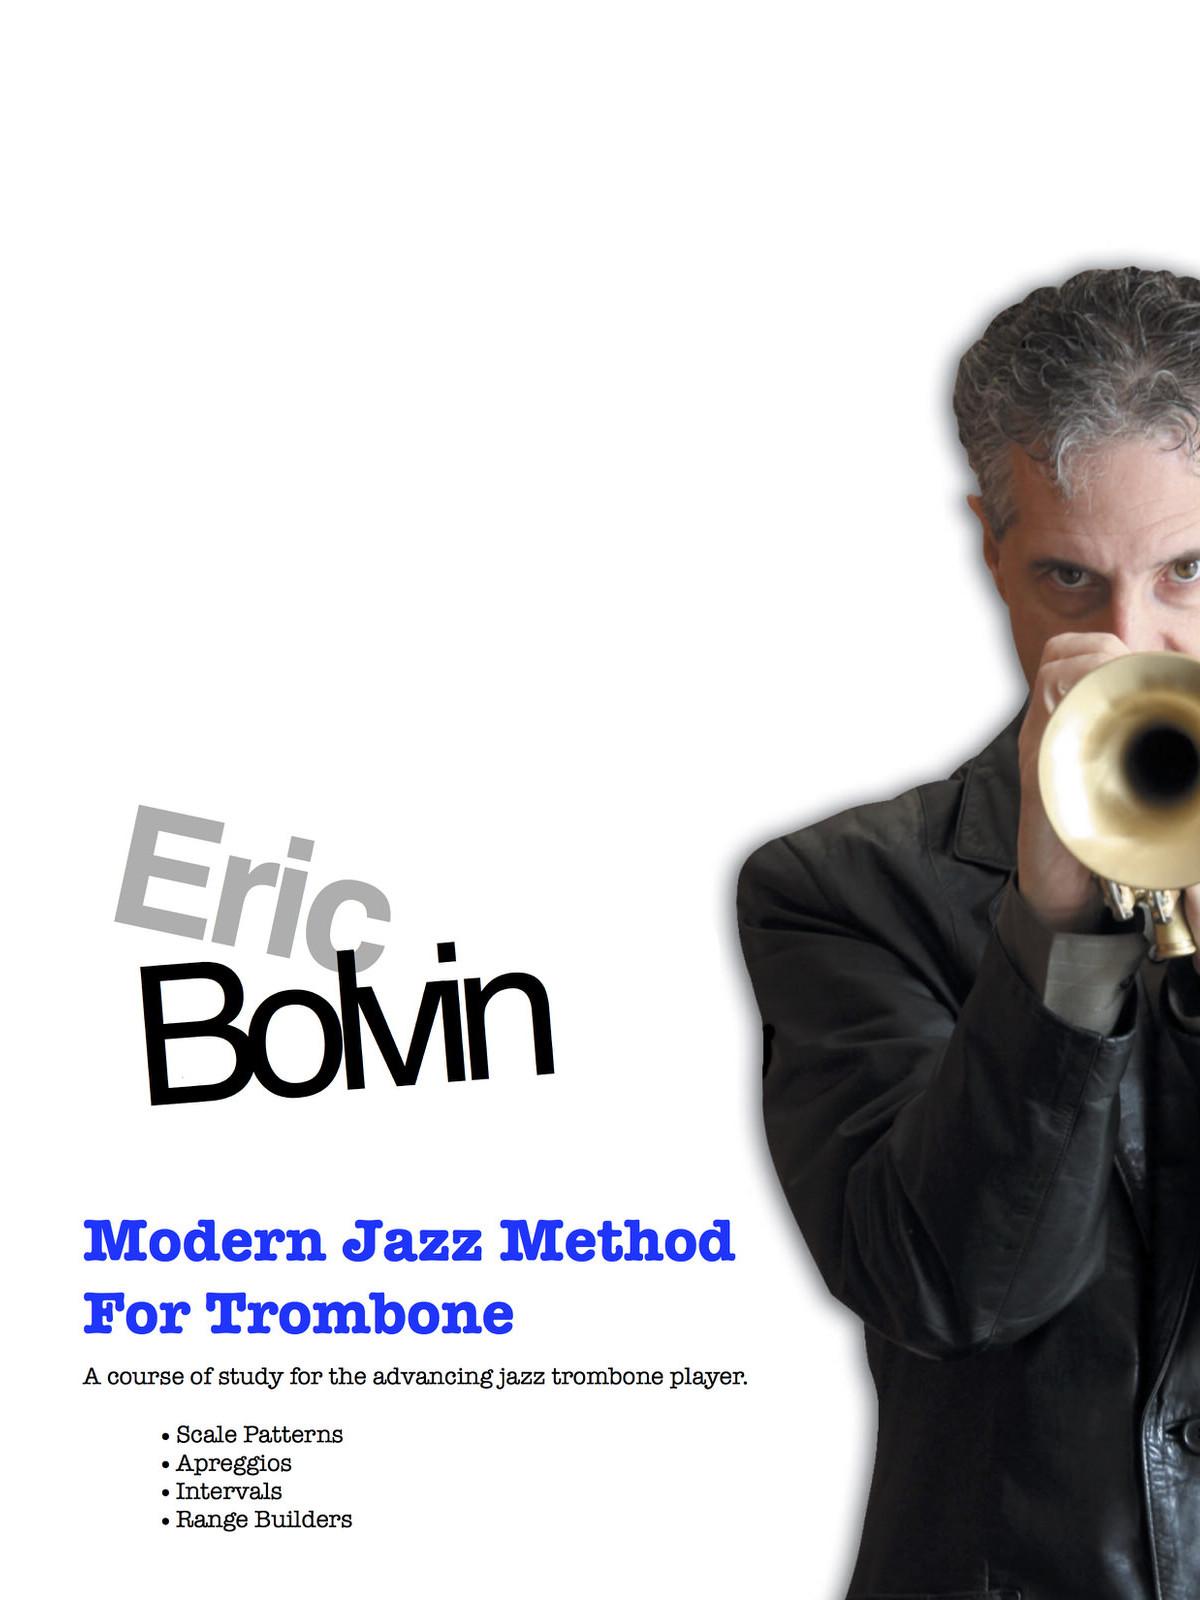 Bolvin, The Modern Jazz Method For Trombone